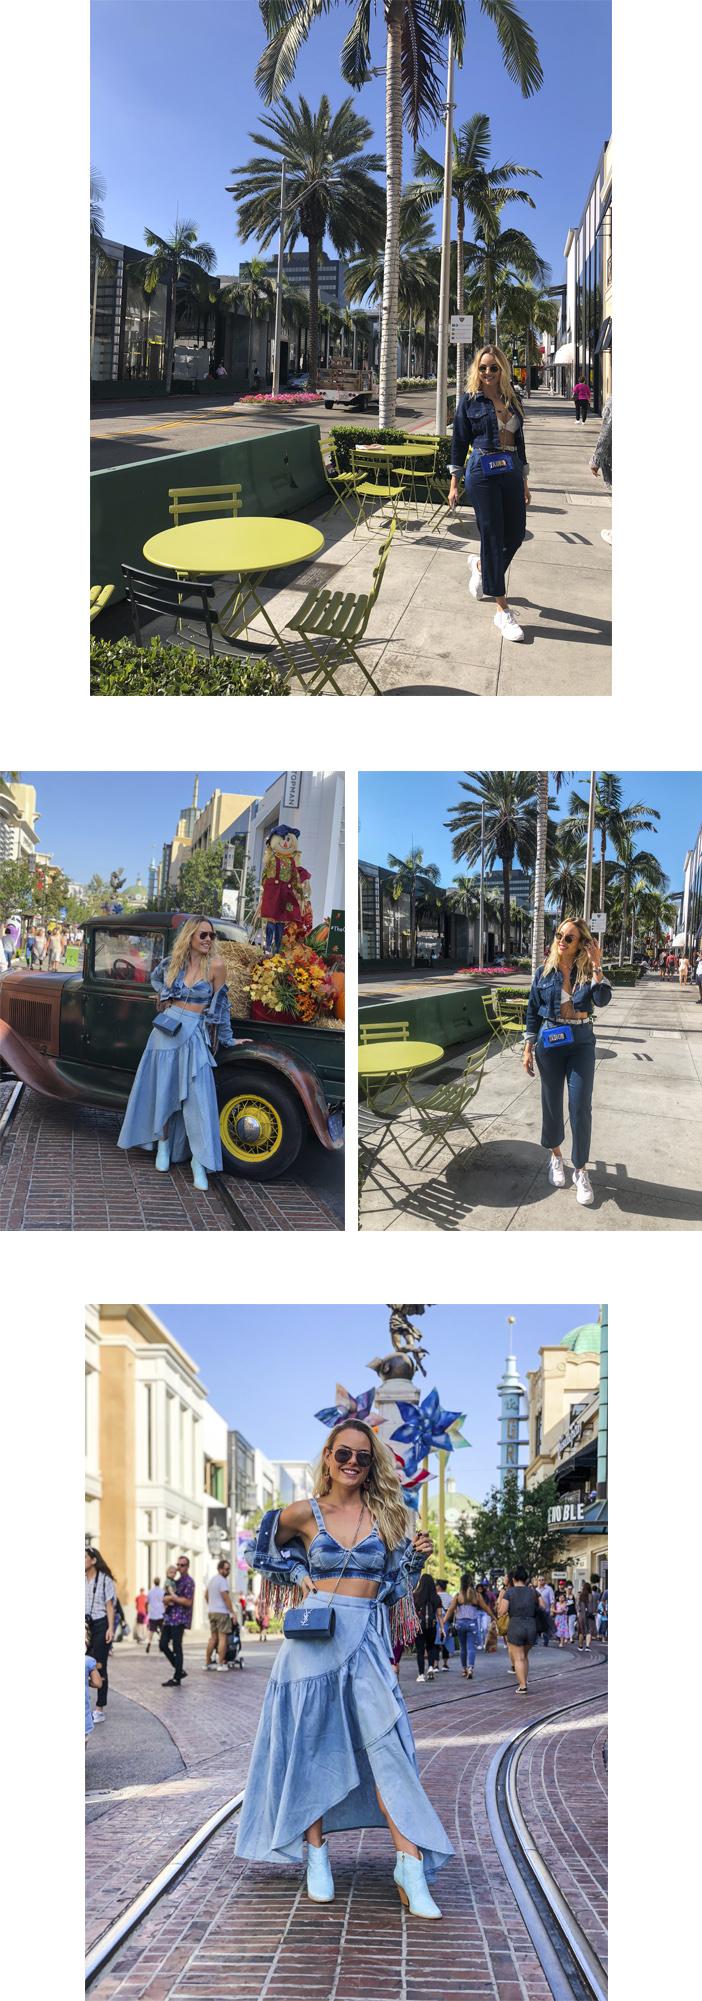 Diário de Bordo - Layla em Los Angeles